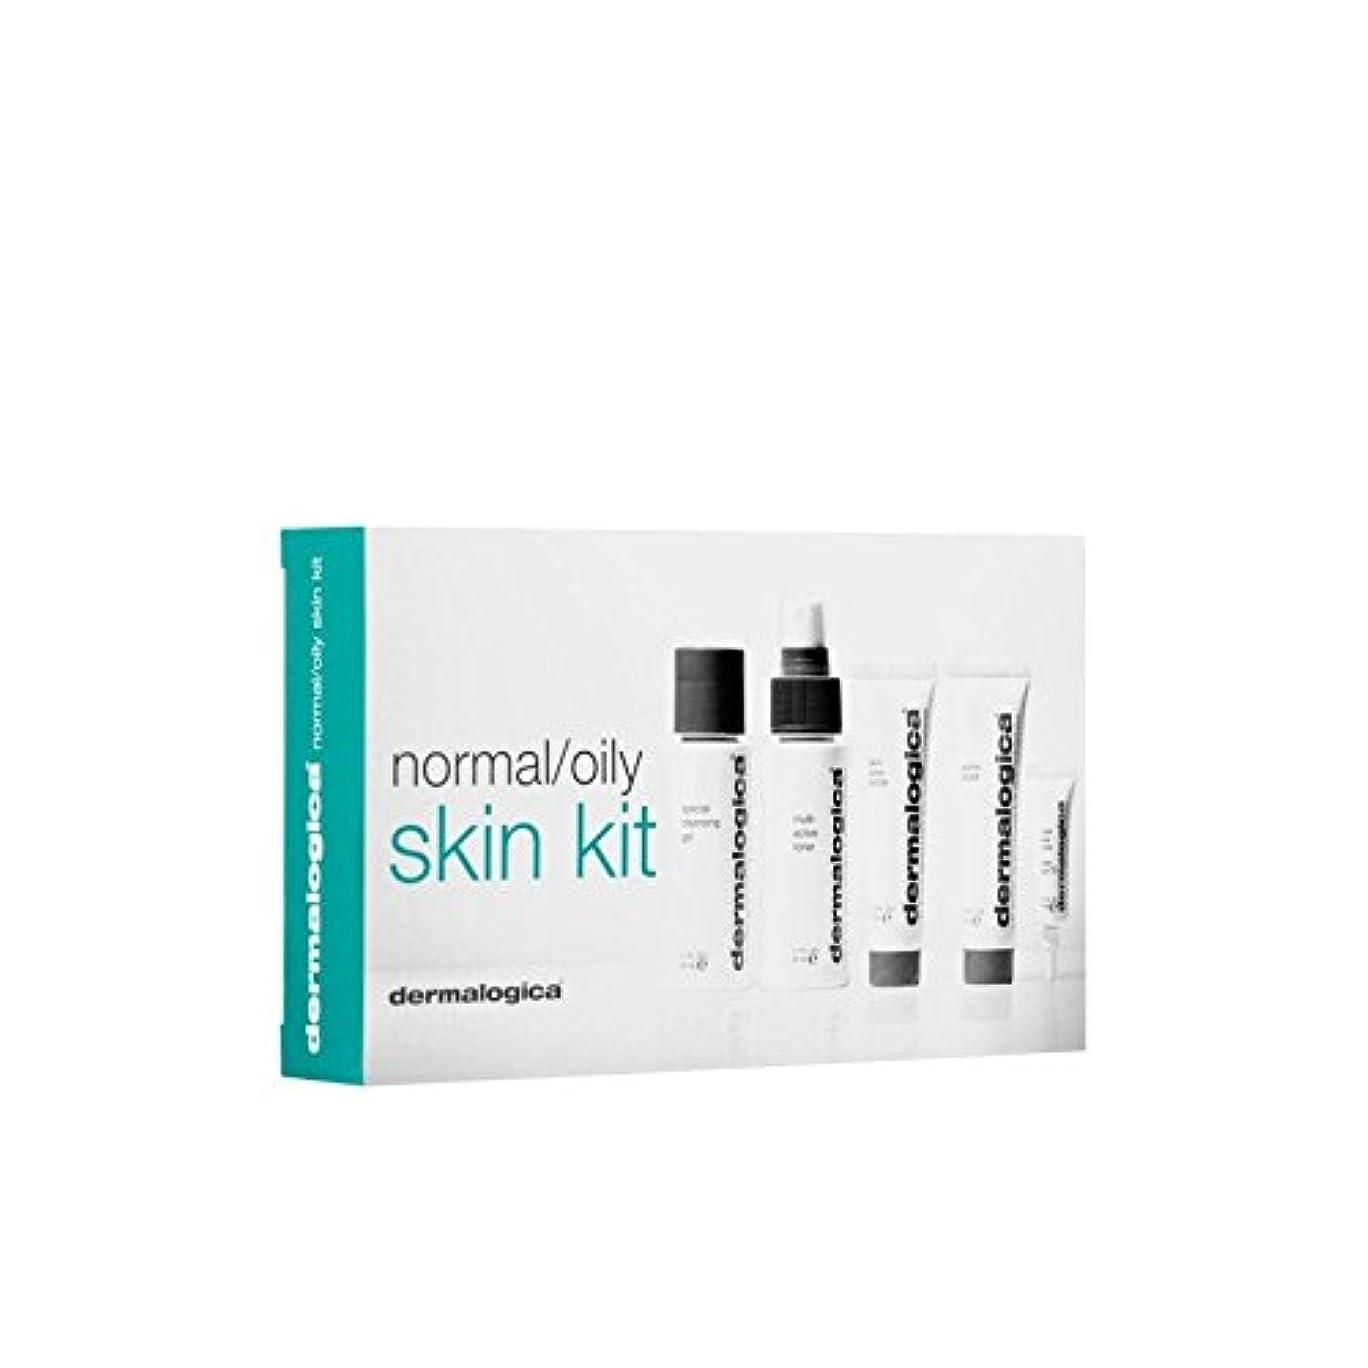 競う領収書笑ダーマロジカスキンキット - ノーマル/オイリー(5製品) x4 - Dermalogica Skin Kit - Normal/Oily (5 Products) (Pack of 4) [並行輸入品]